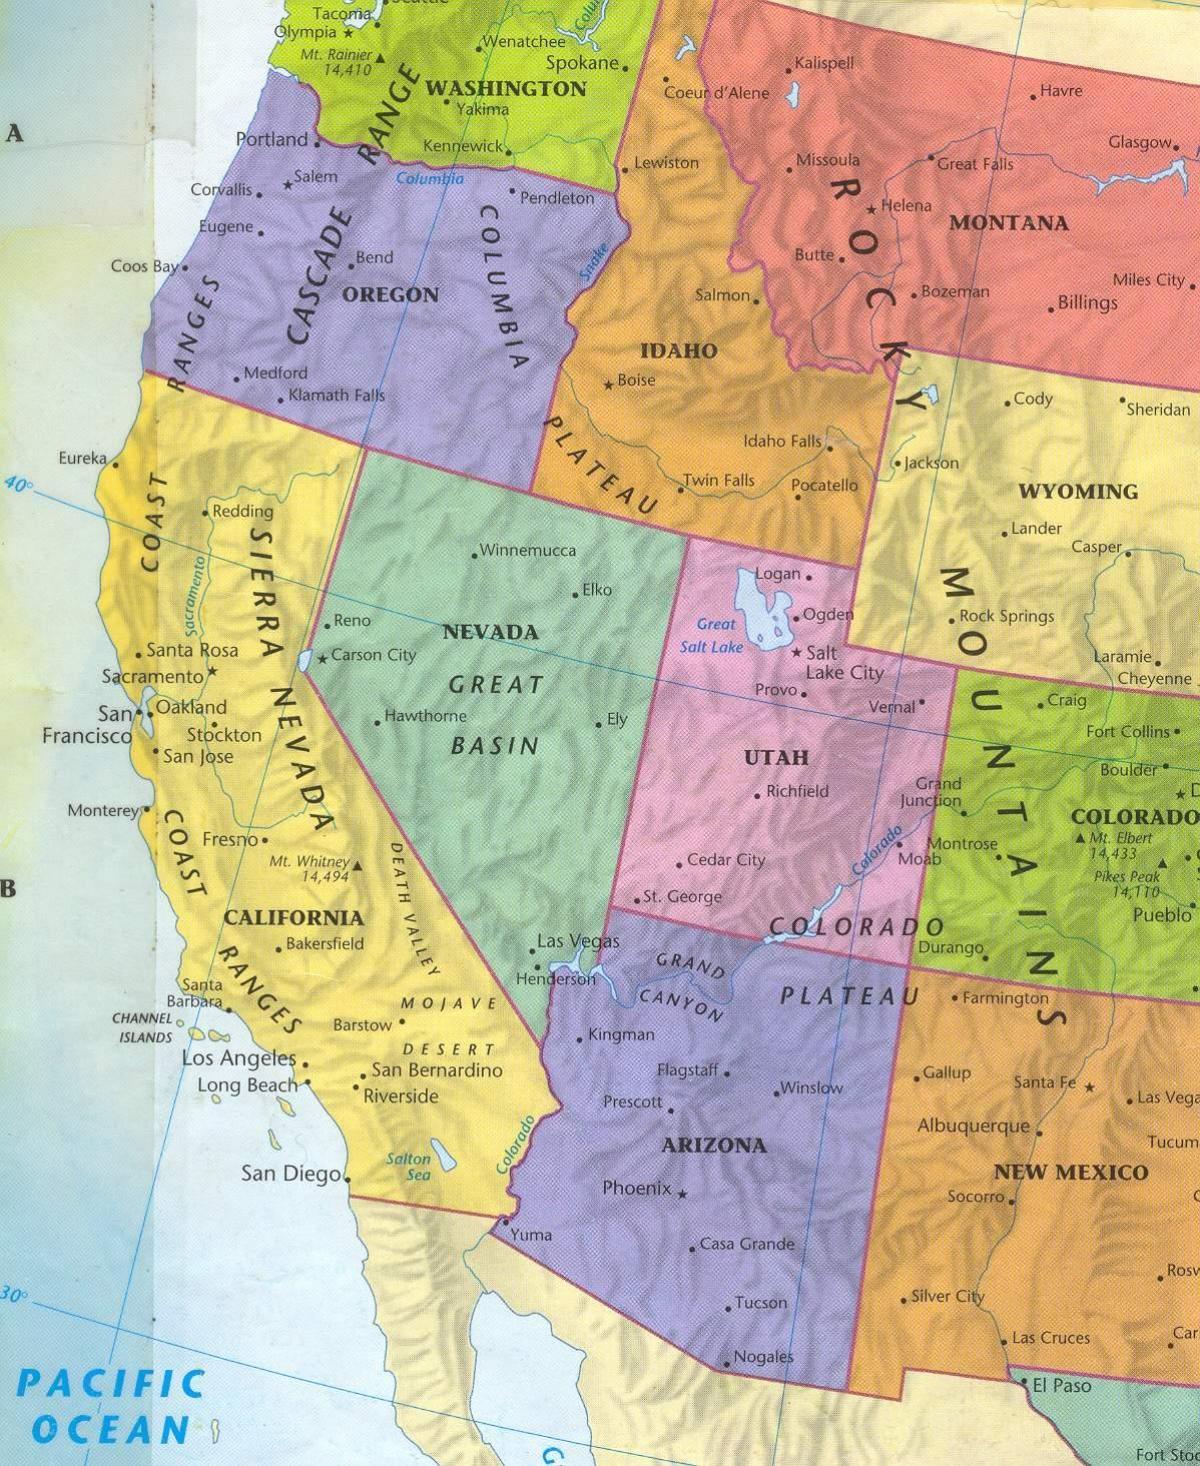 Karte Usa Westen.West Us Karte Westen Der Karte Der Usa Nordamerika Und Südamerika